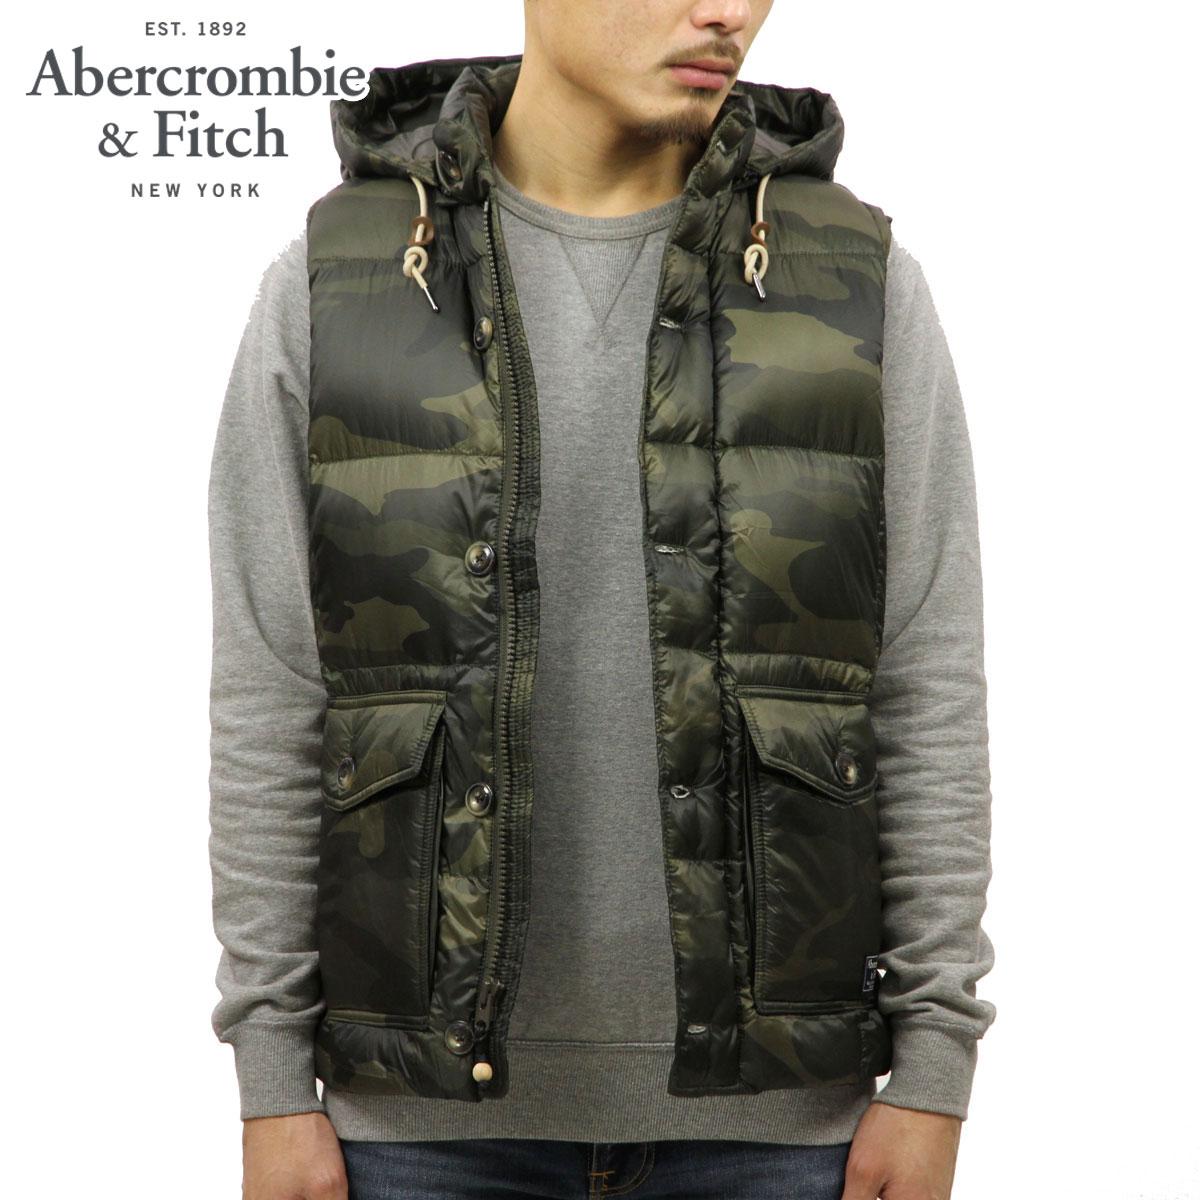 アバクロ Abercrombie&Fitch 正規品 メンズ フード付きダウンベスト DOWN-FILLED PUFFER VEST 132-328-1267-330